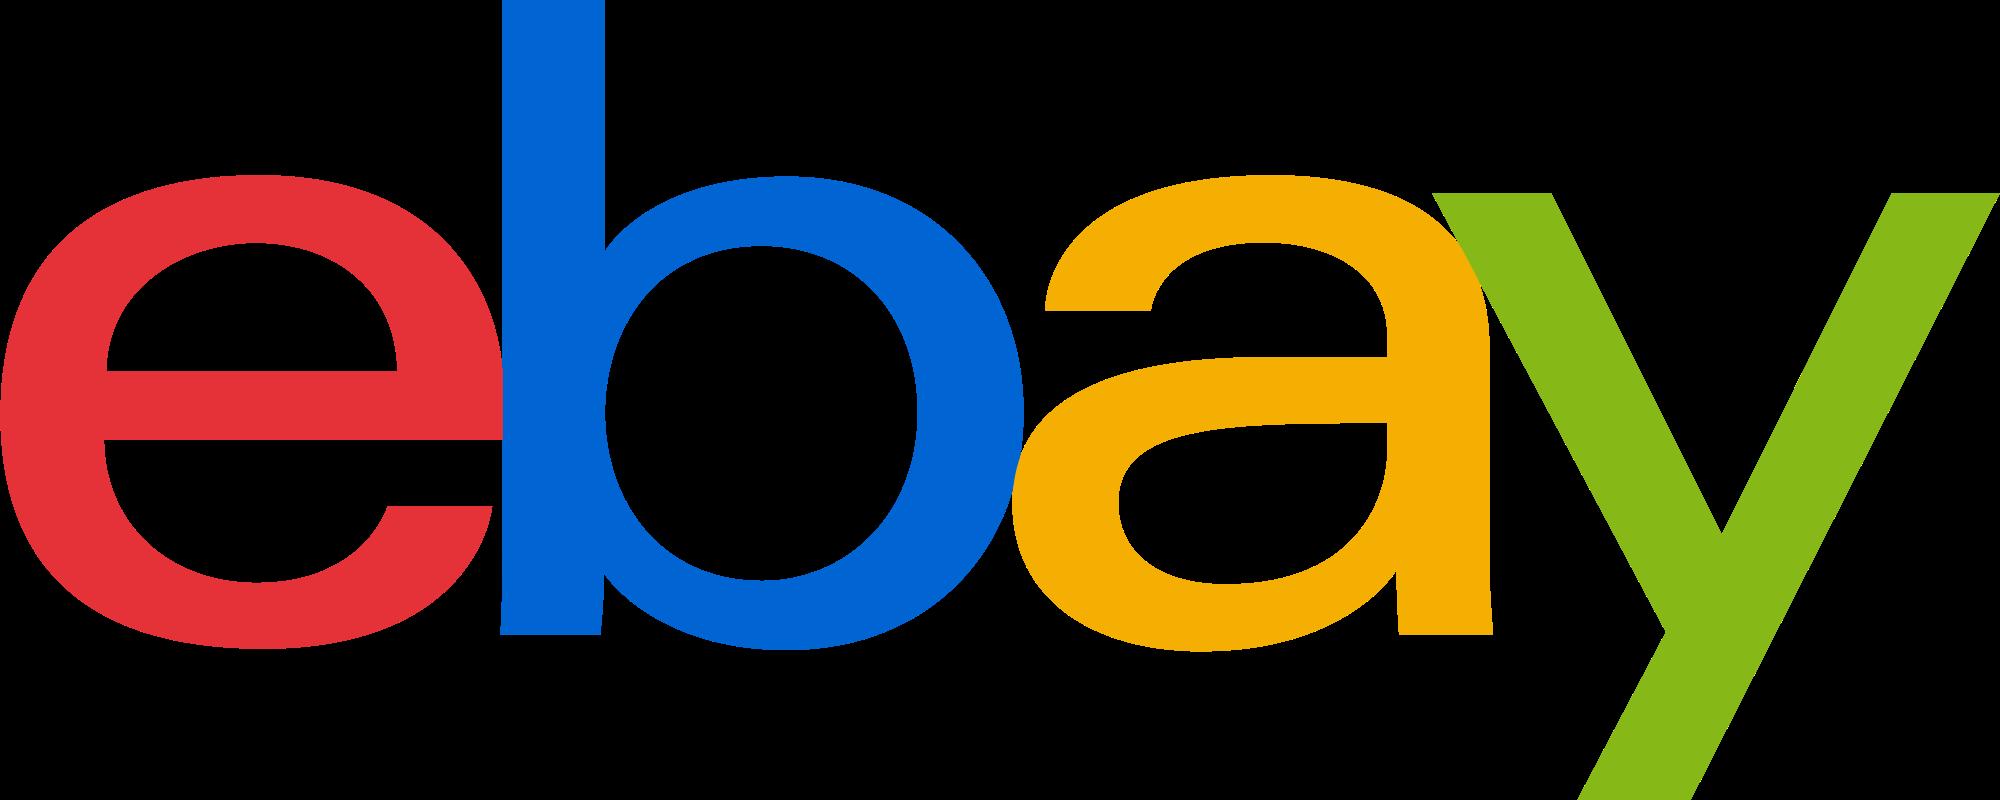 eBay-Schnittstelle in der VARIO Warenwirtschaft